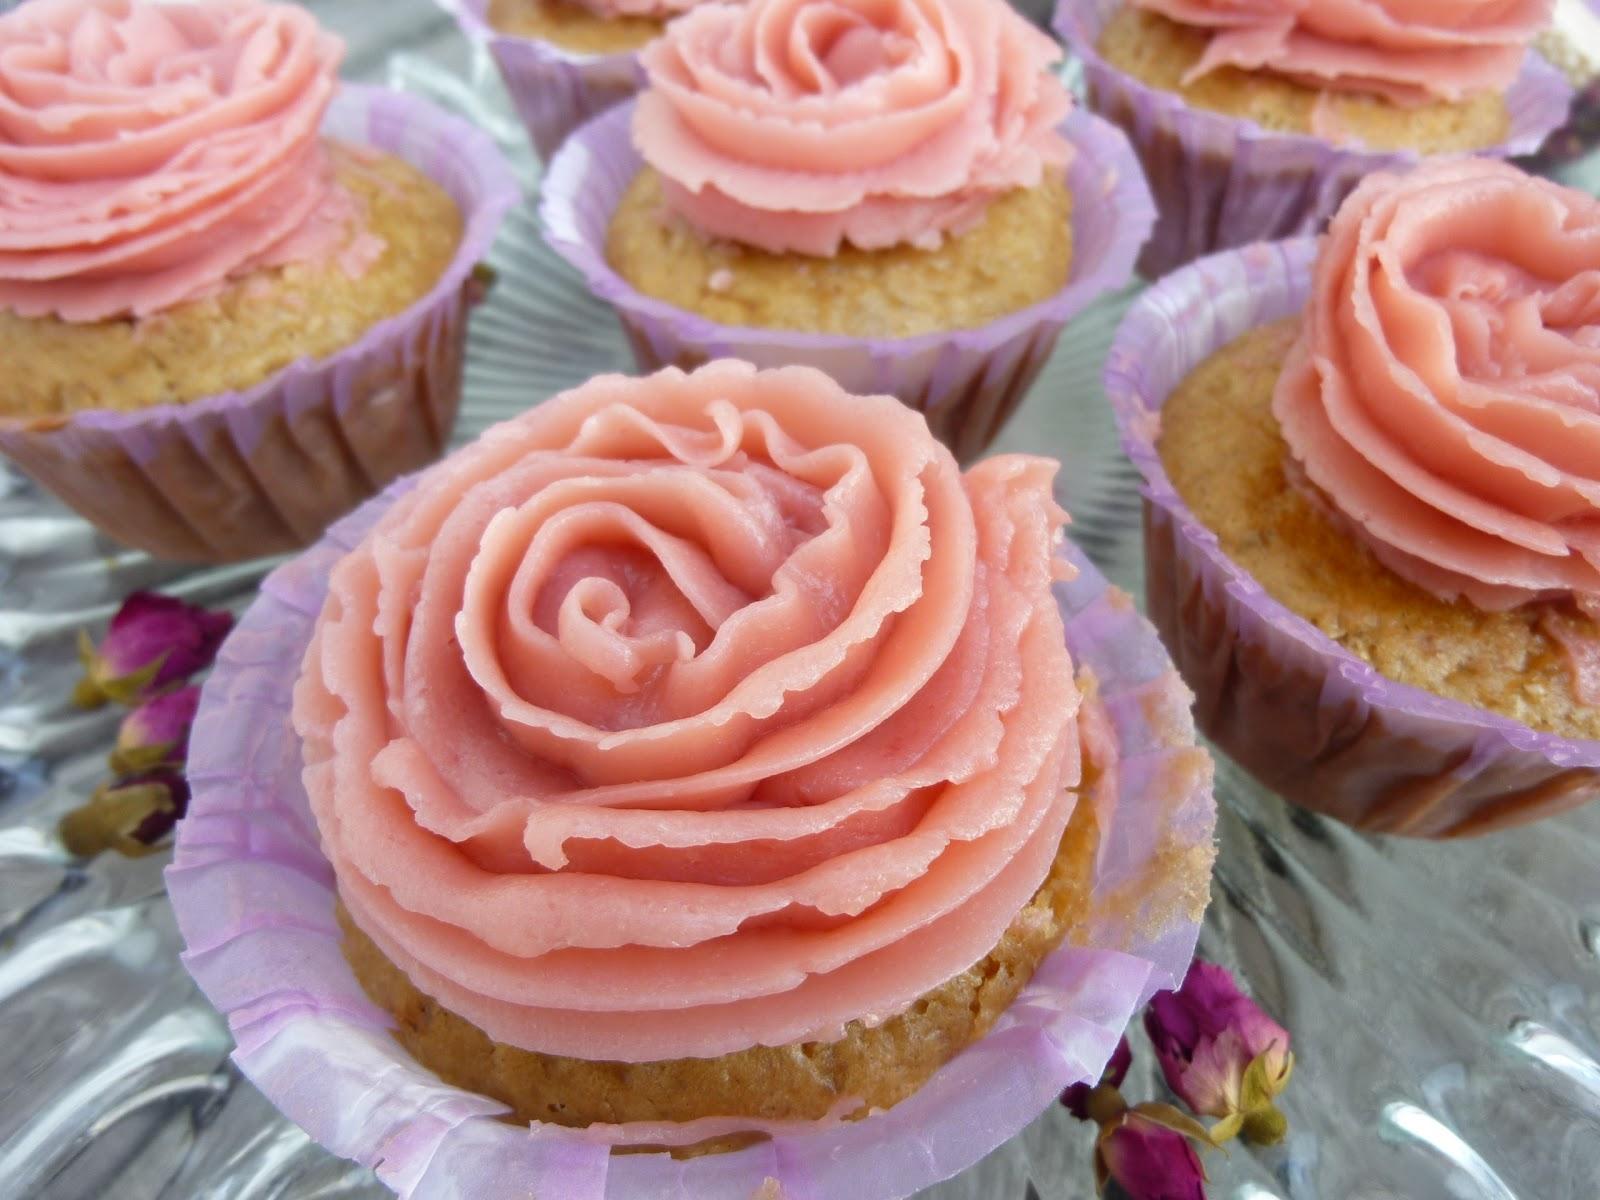 gl cksk che zitronen cupcakes rezept mit leckerem himbeer frosting. Black Bedroom Furniture Sets. Home Design Ideas